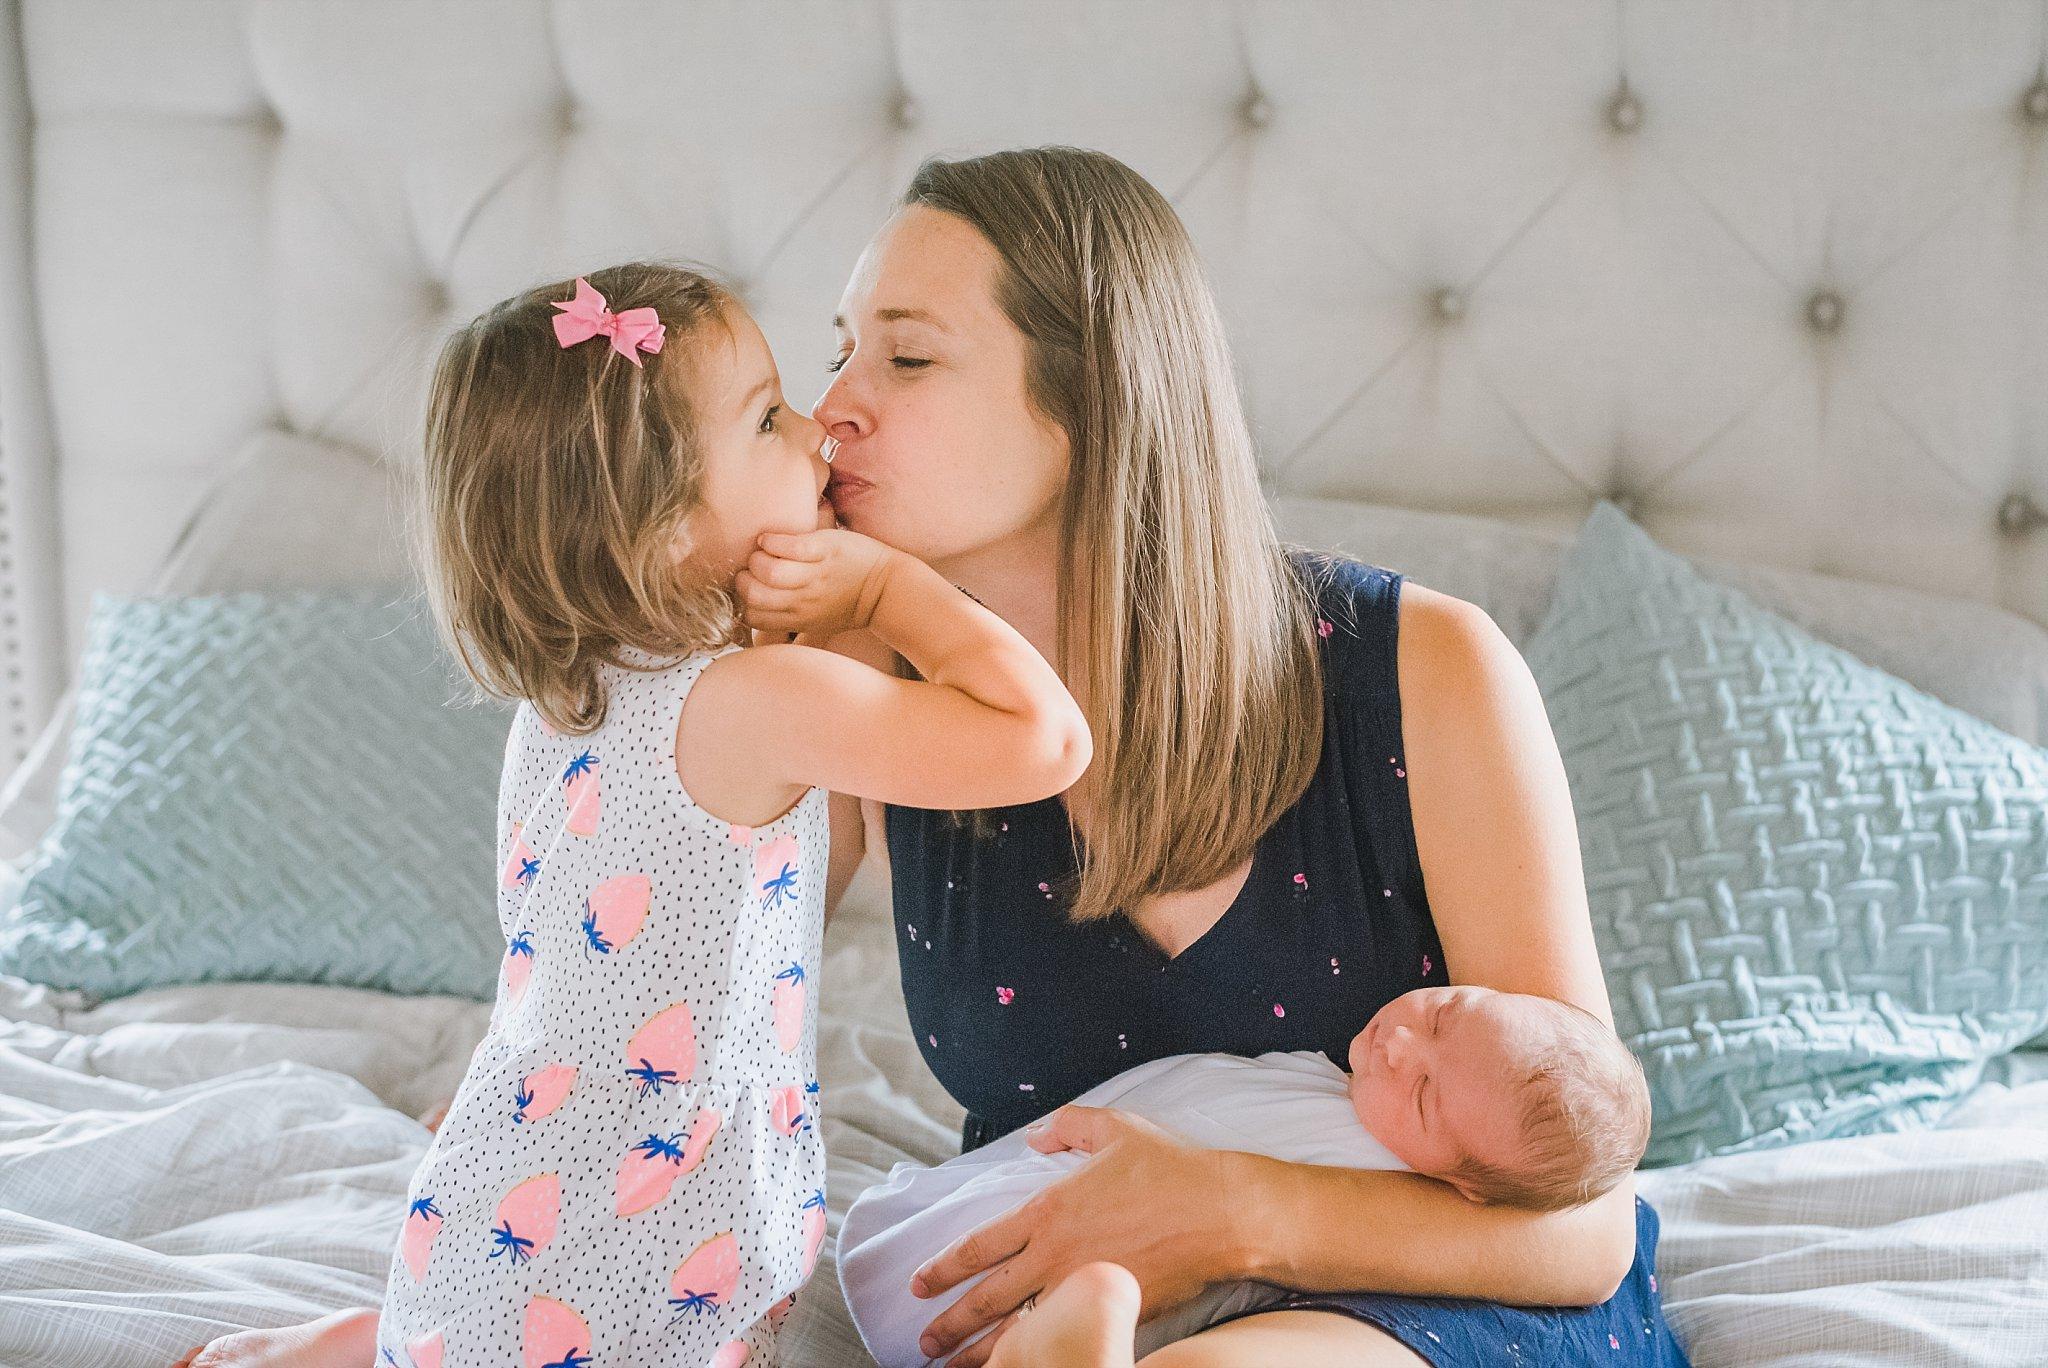 toddler girl kissing mom holding newborn baby